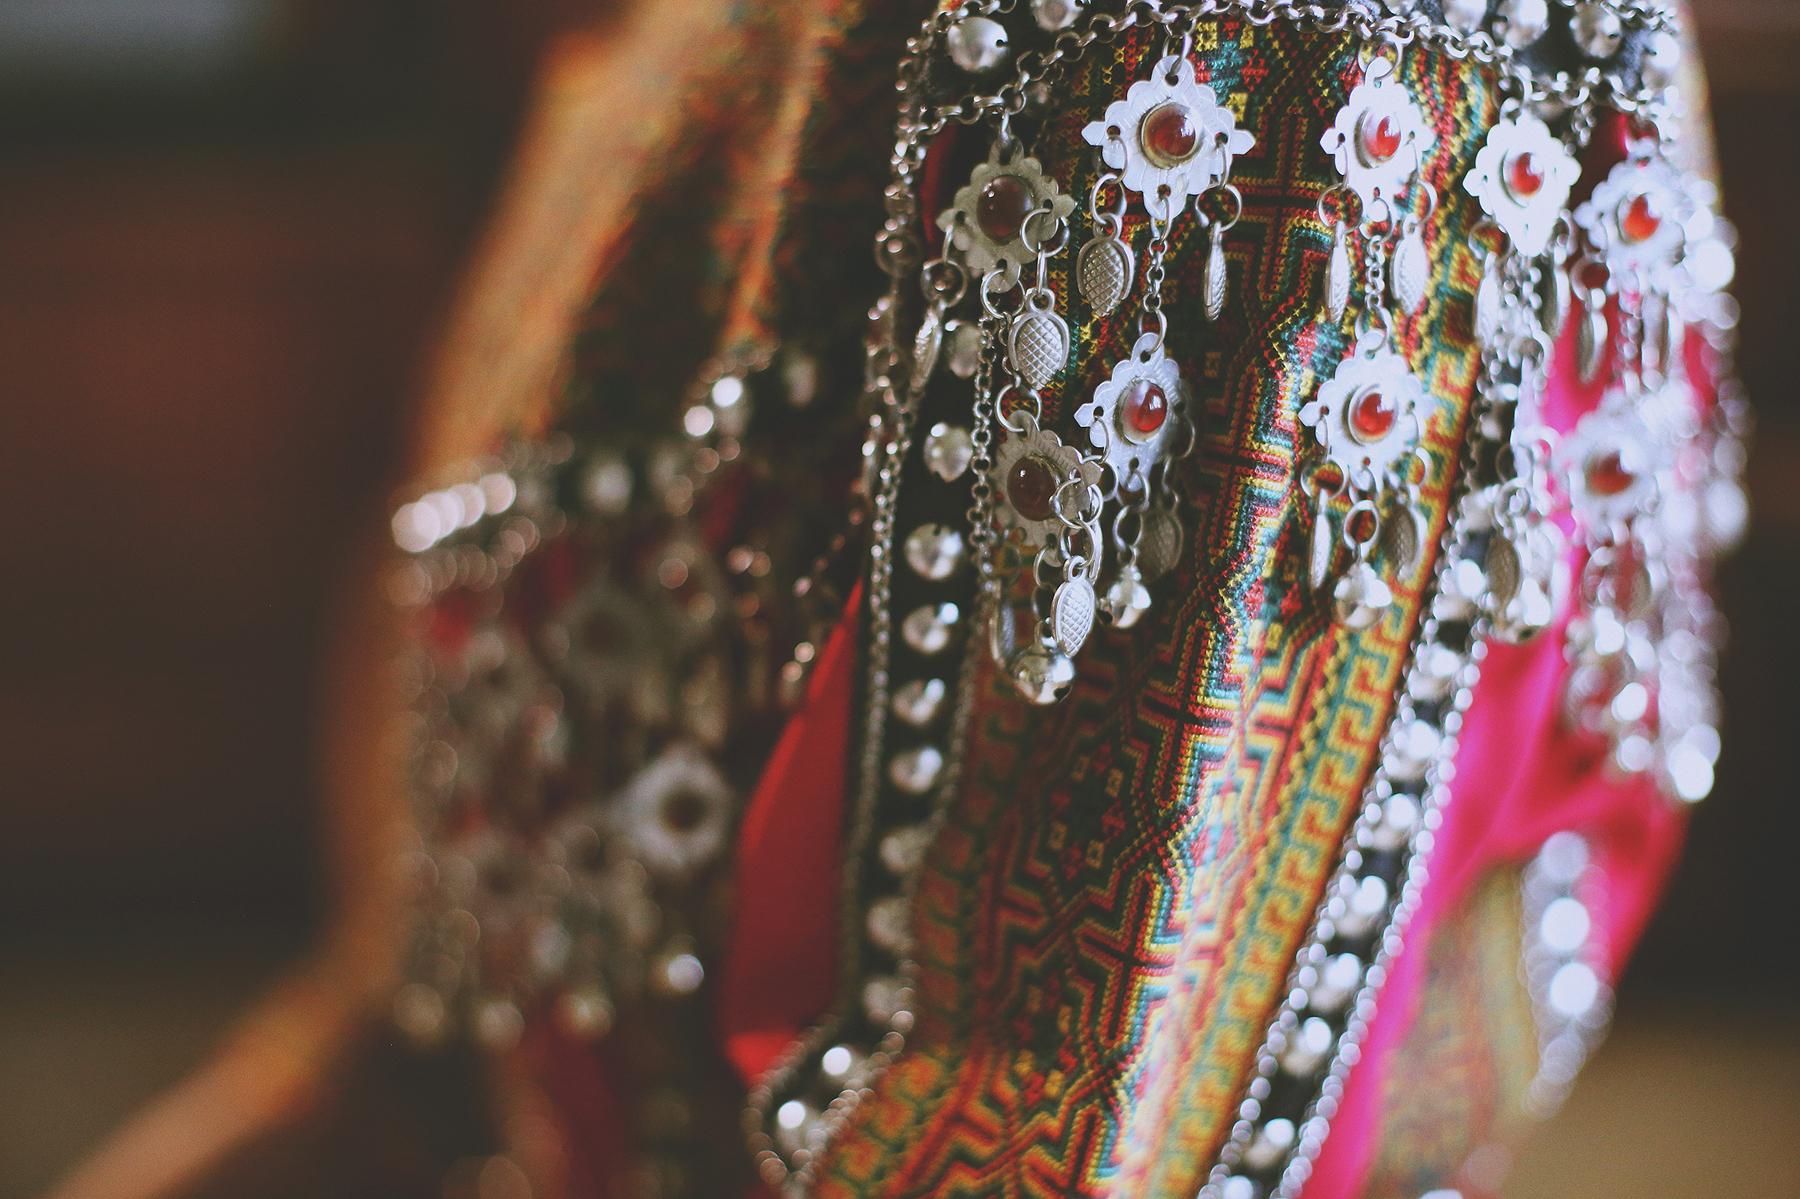 婚攝,婚禮紀錄,婚禮攝影,原住民,溫度,情感